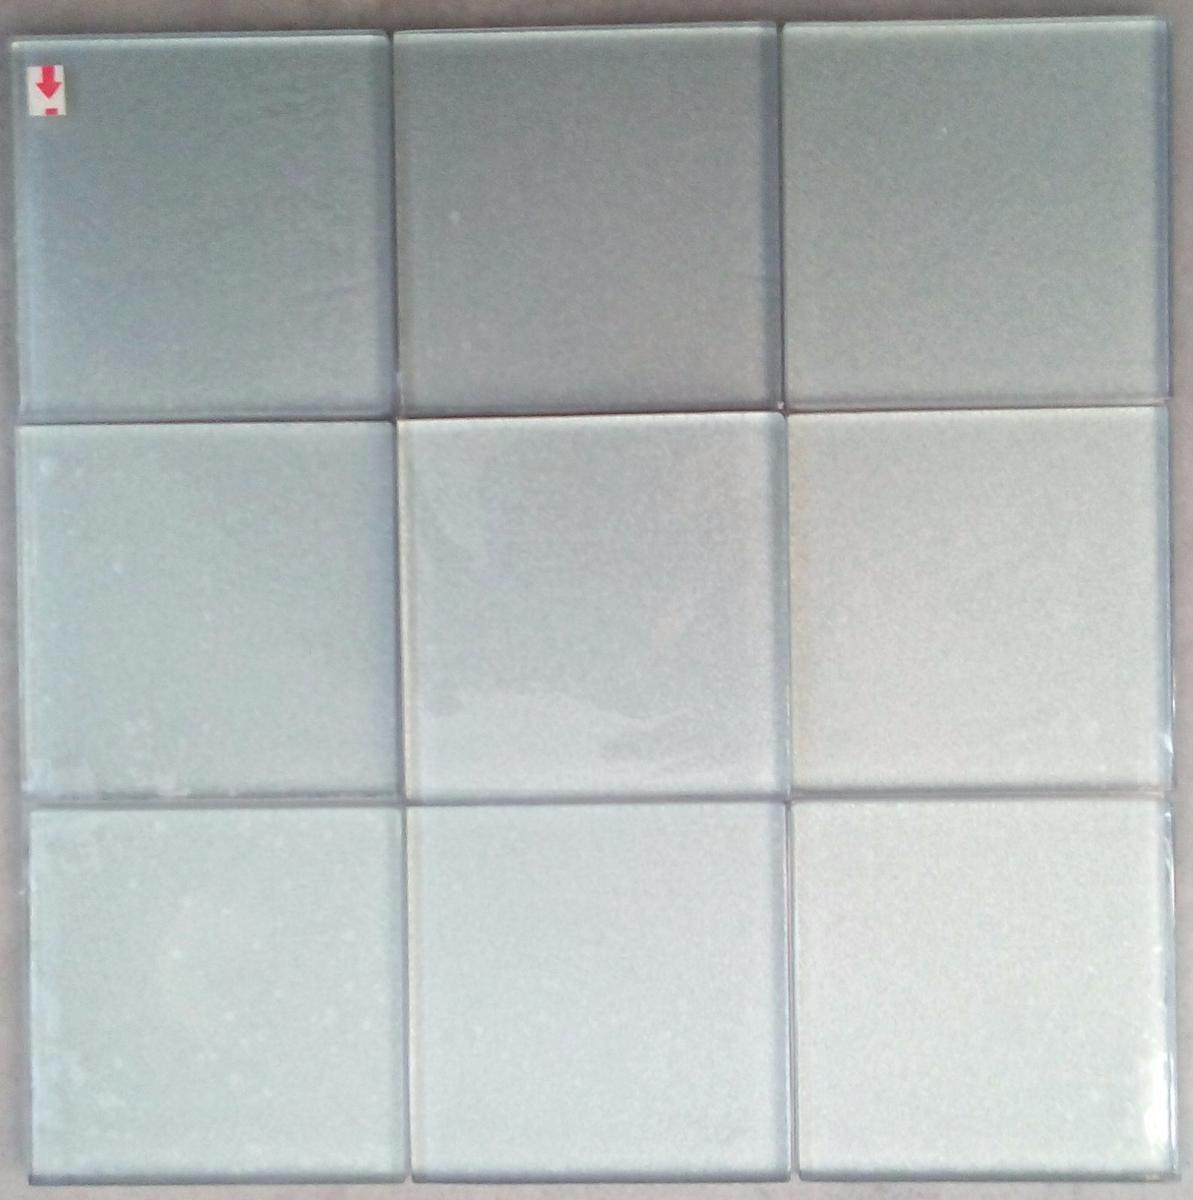 Mosaique argent salle de bain interesting mosaque for Carrelage mural argente